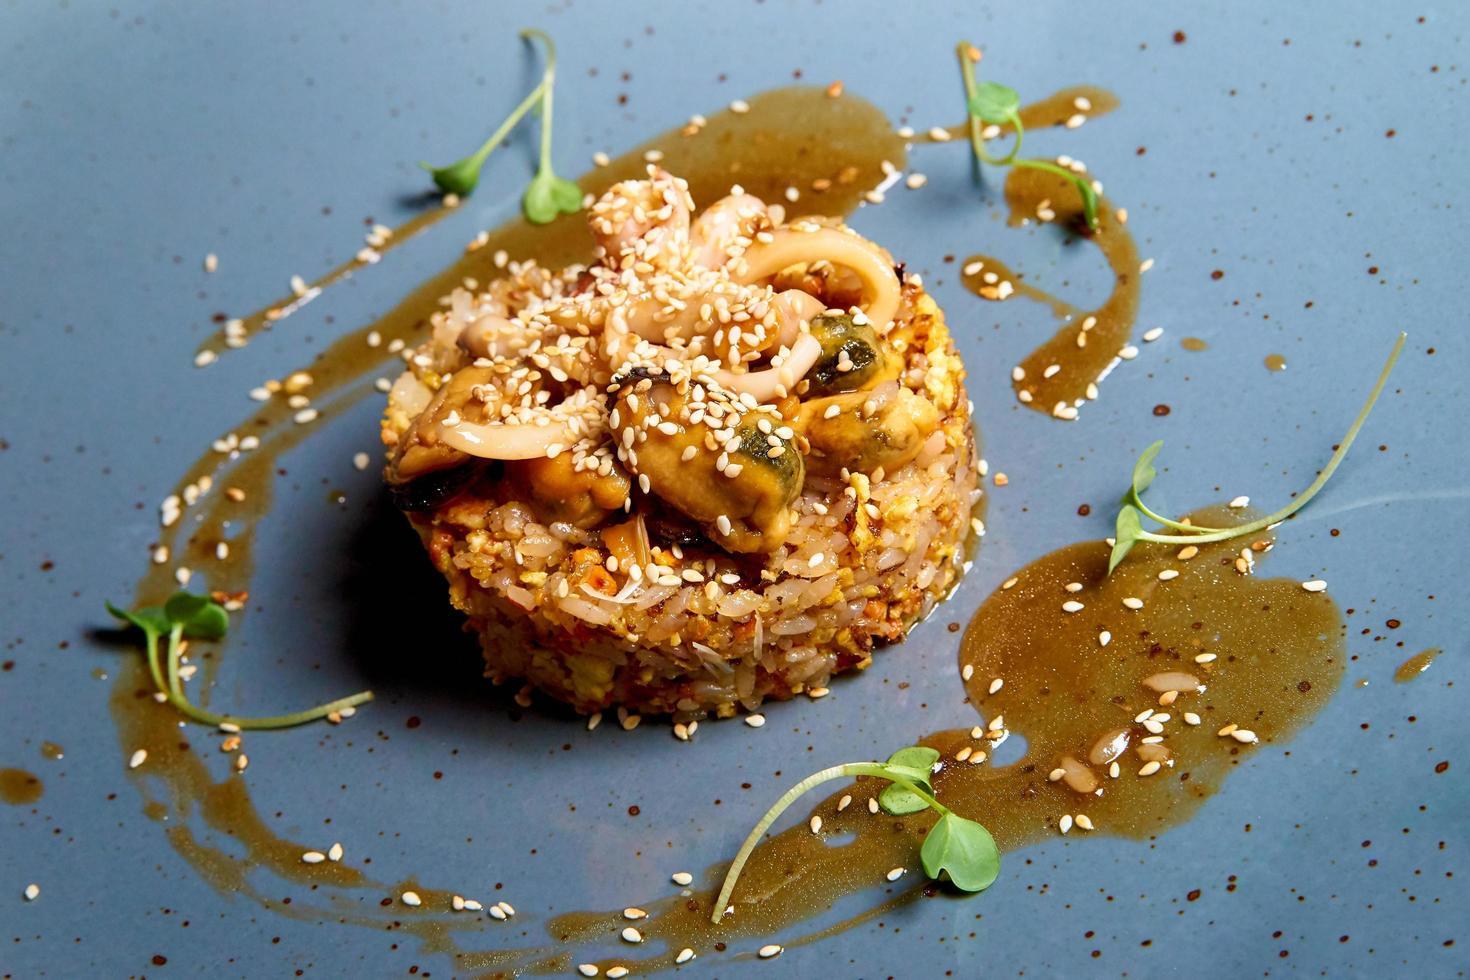 arroz com frutos do mar e molho foto